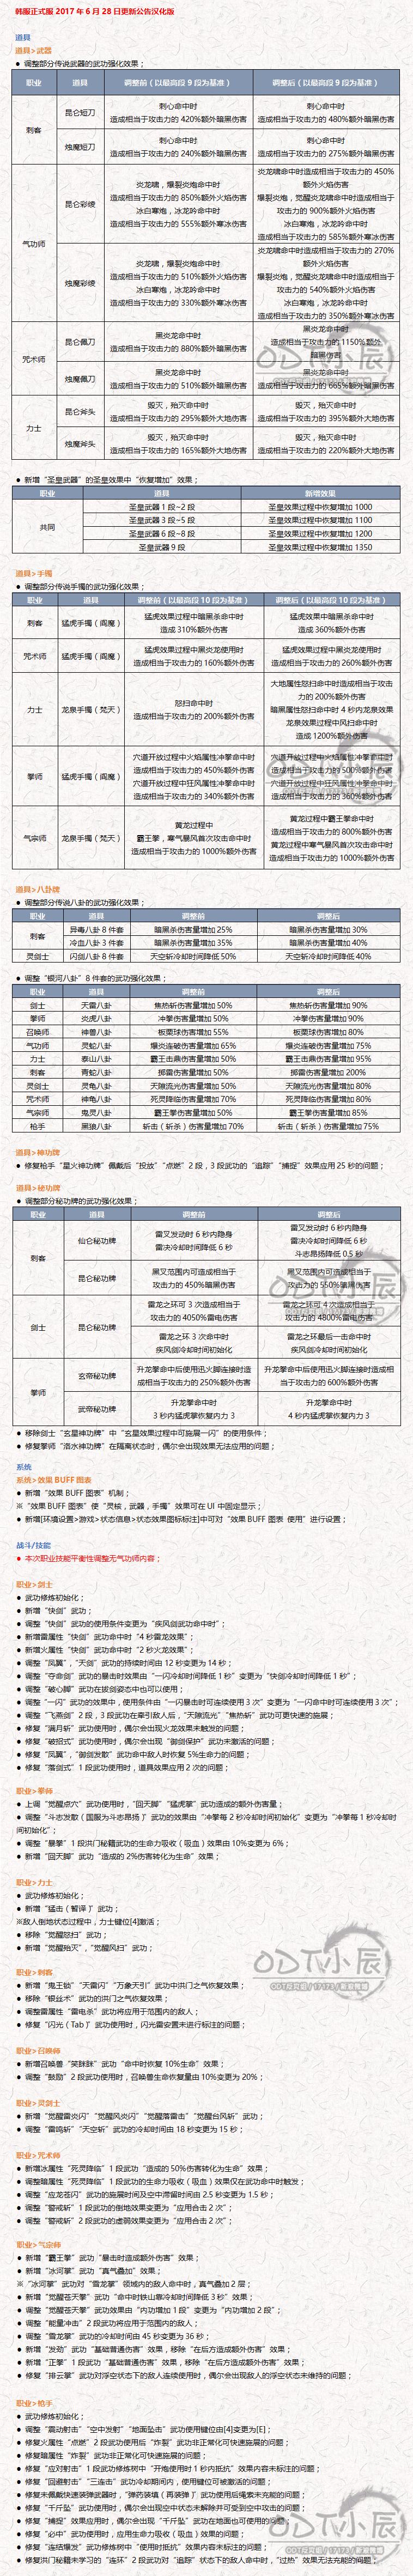 韩服正式服6月28日更新公告(汉化版).png